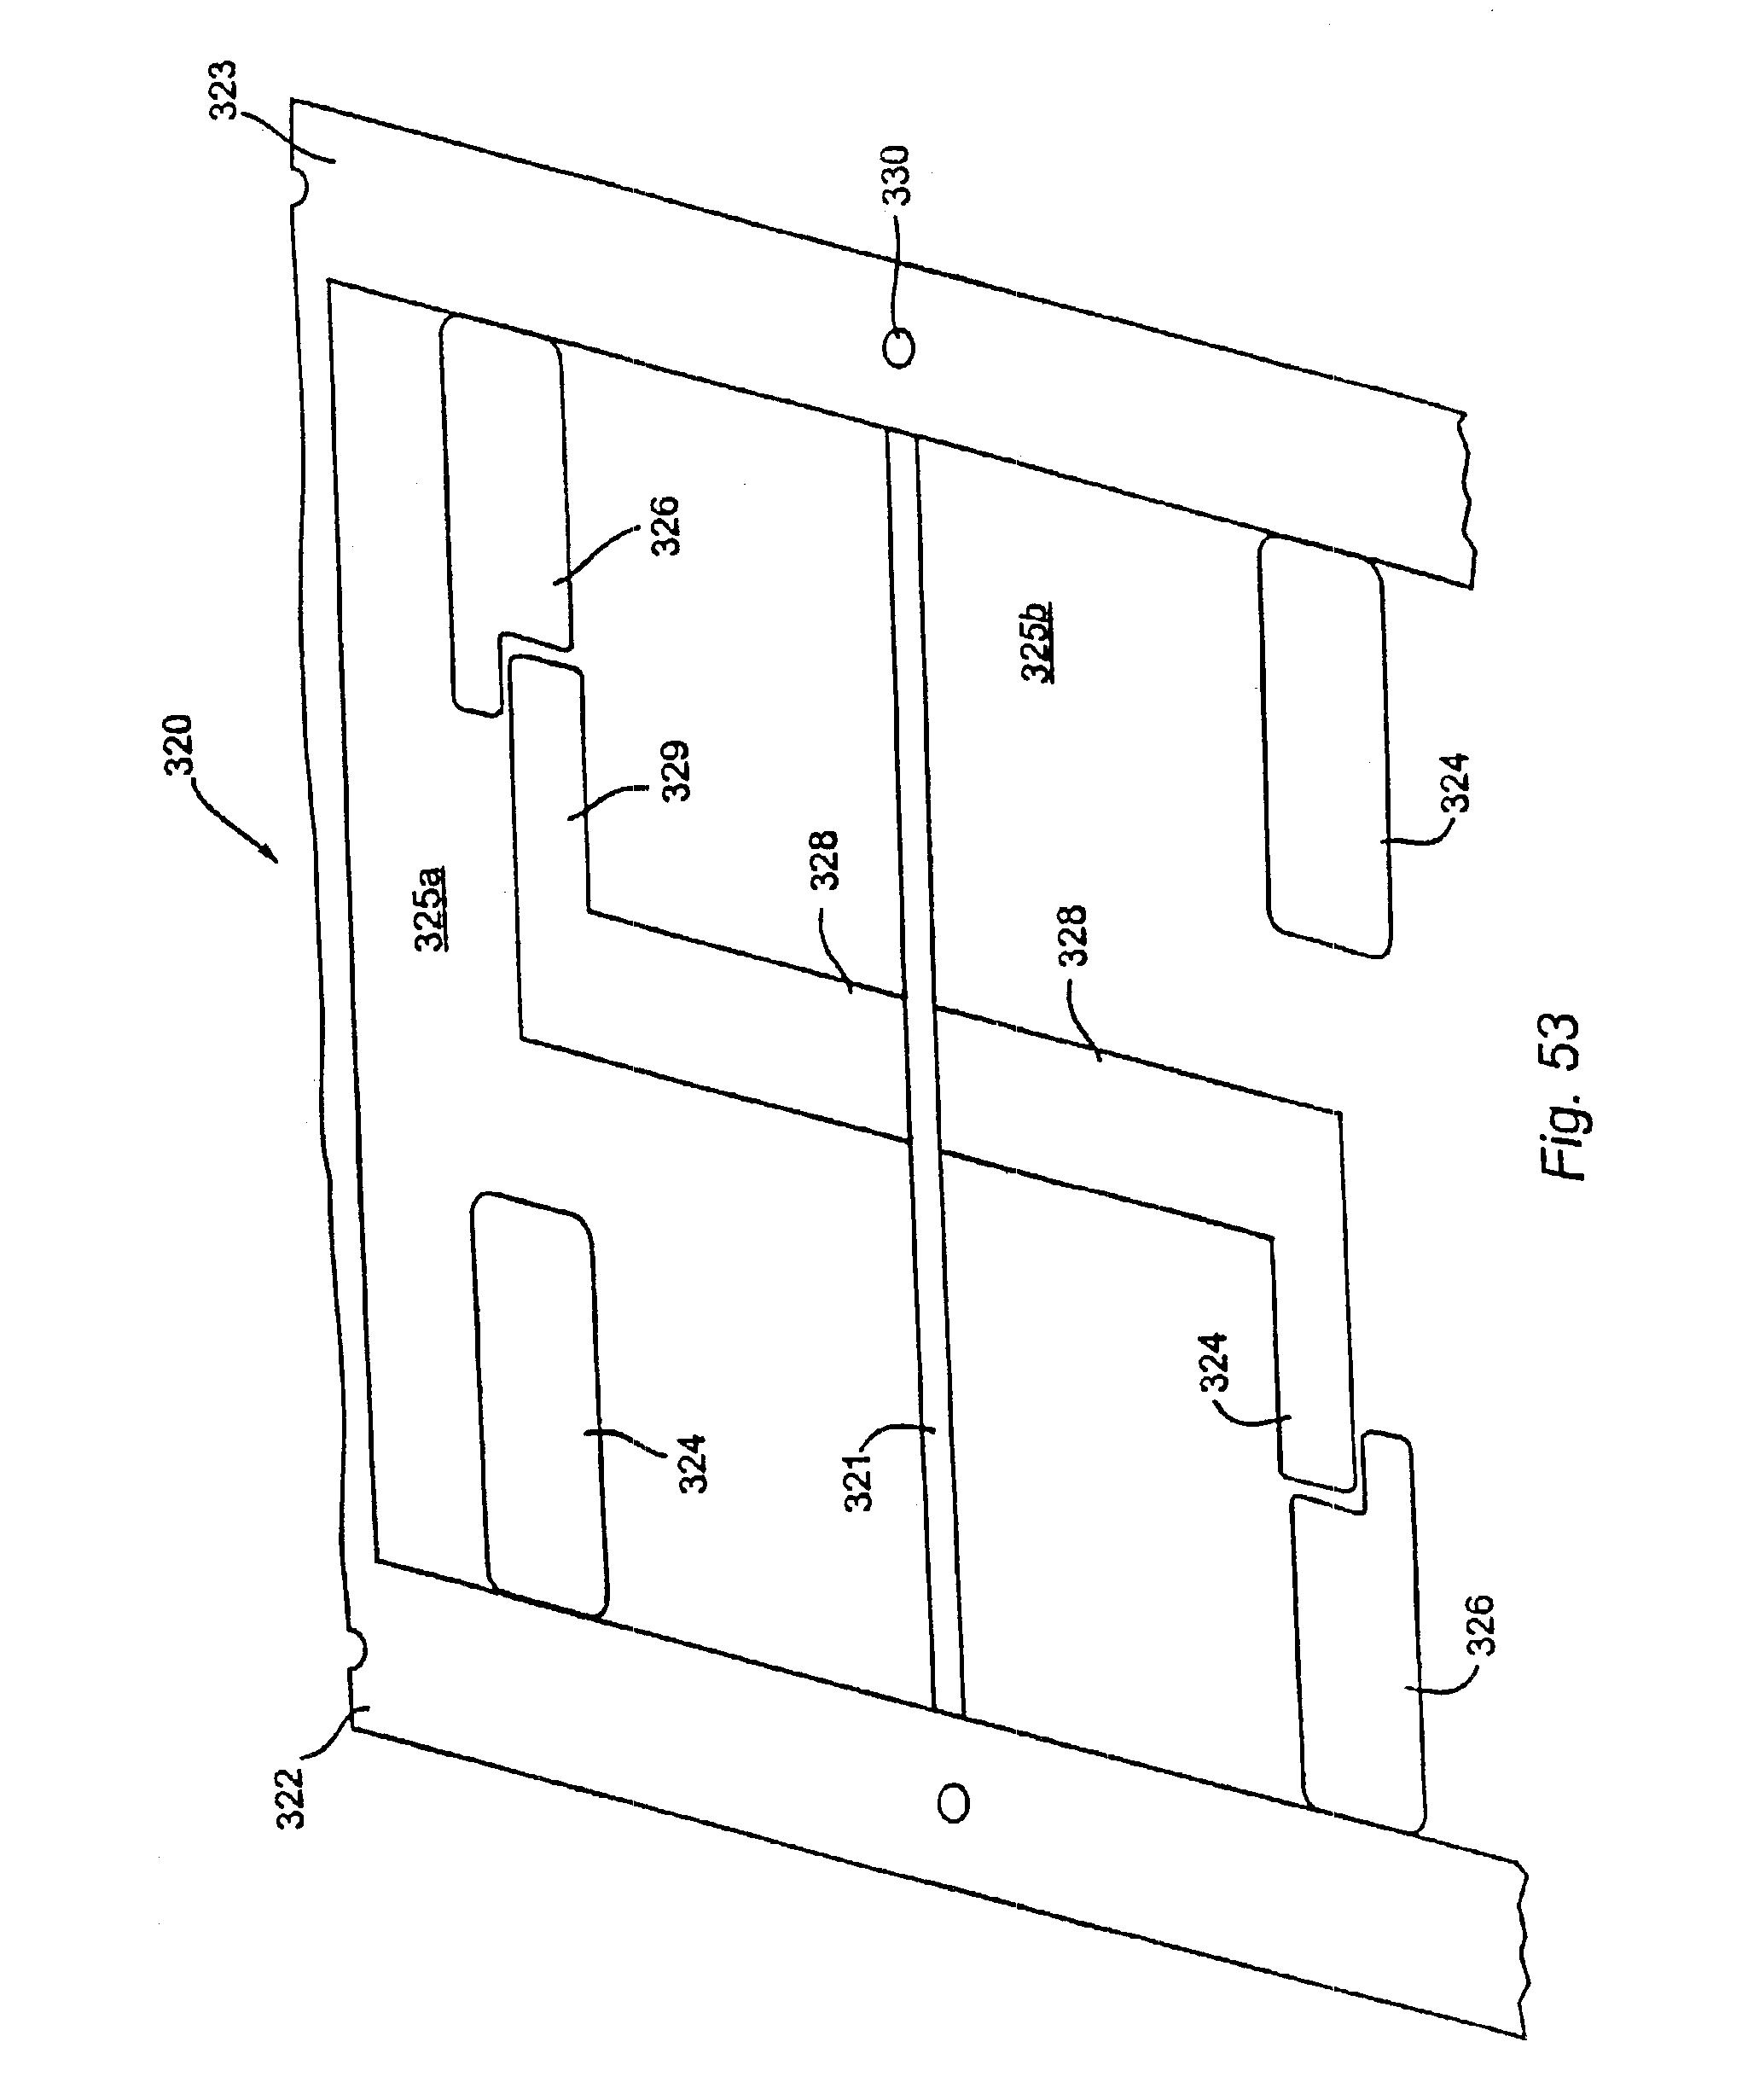 patent us6914416